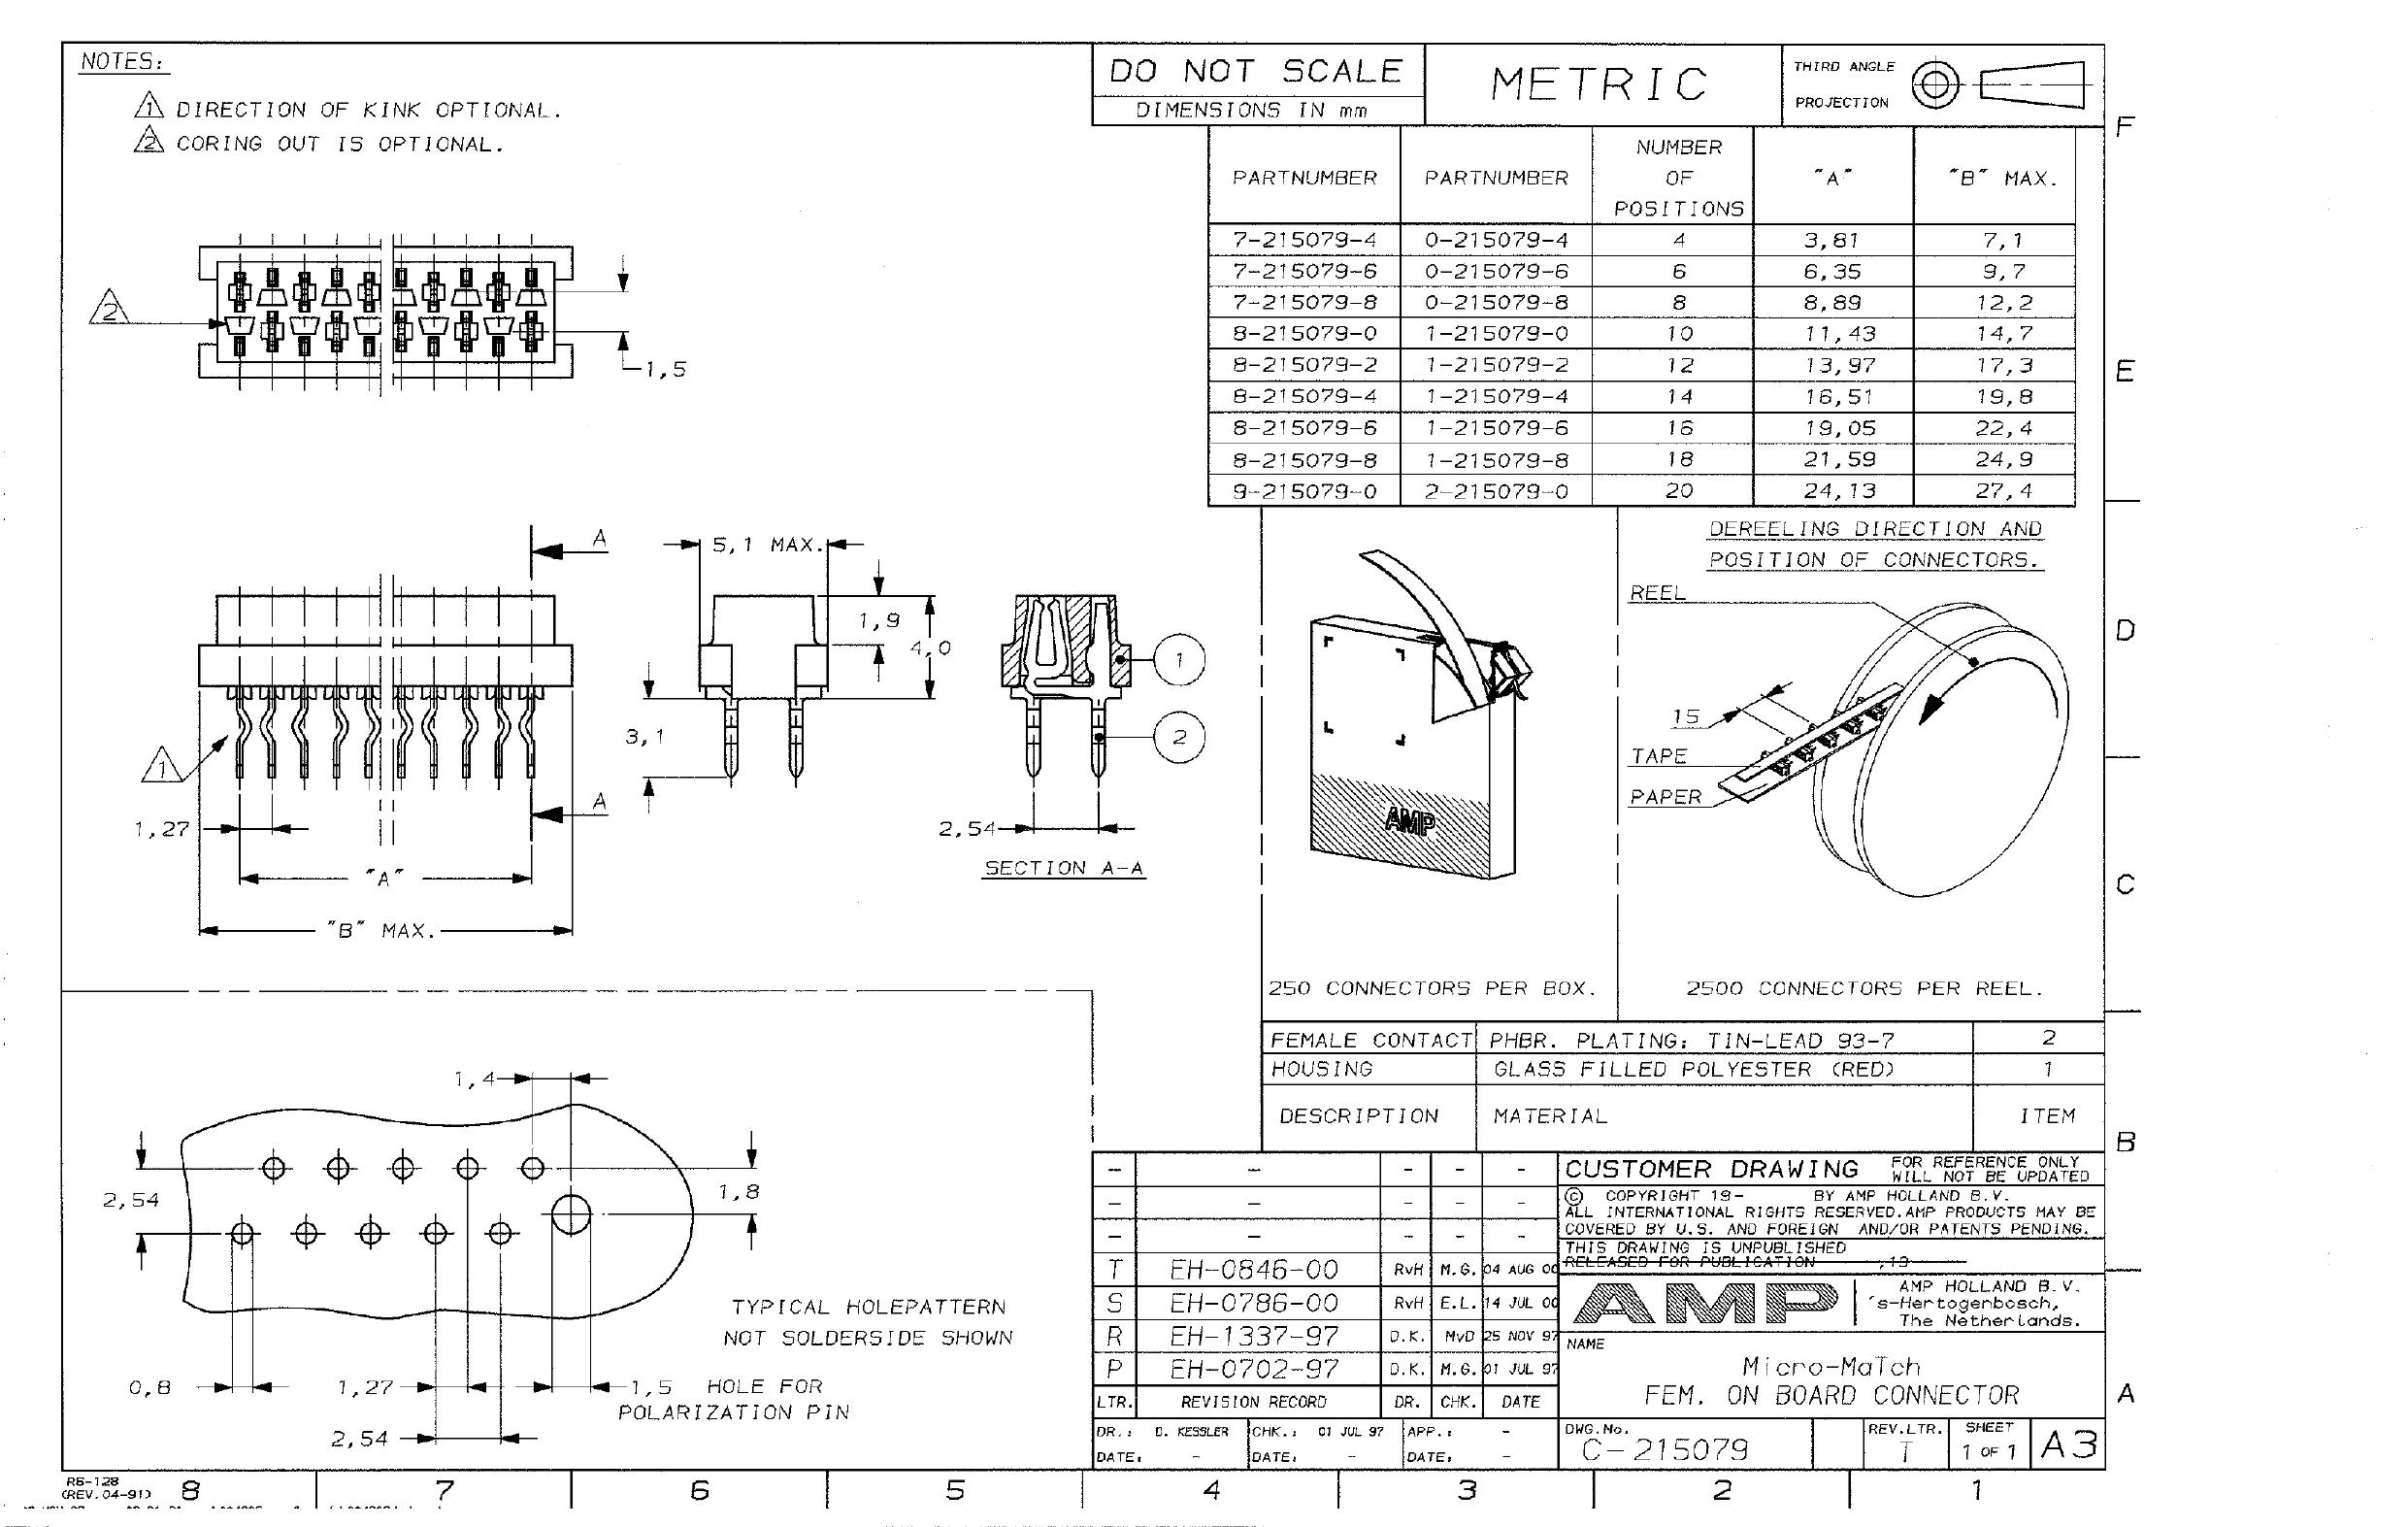 0-215079-x دیتاشیت PDF